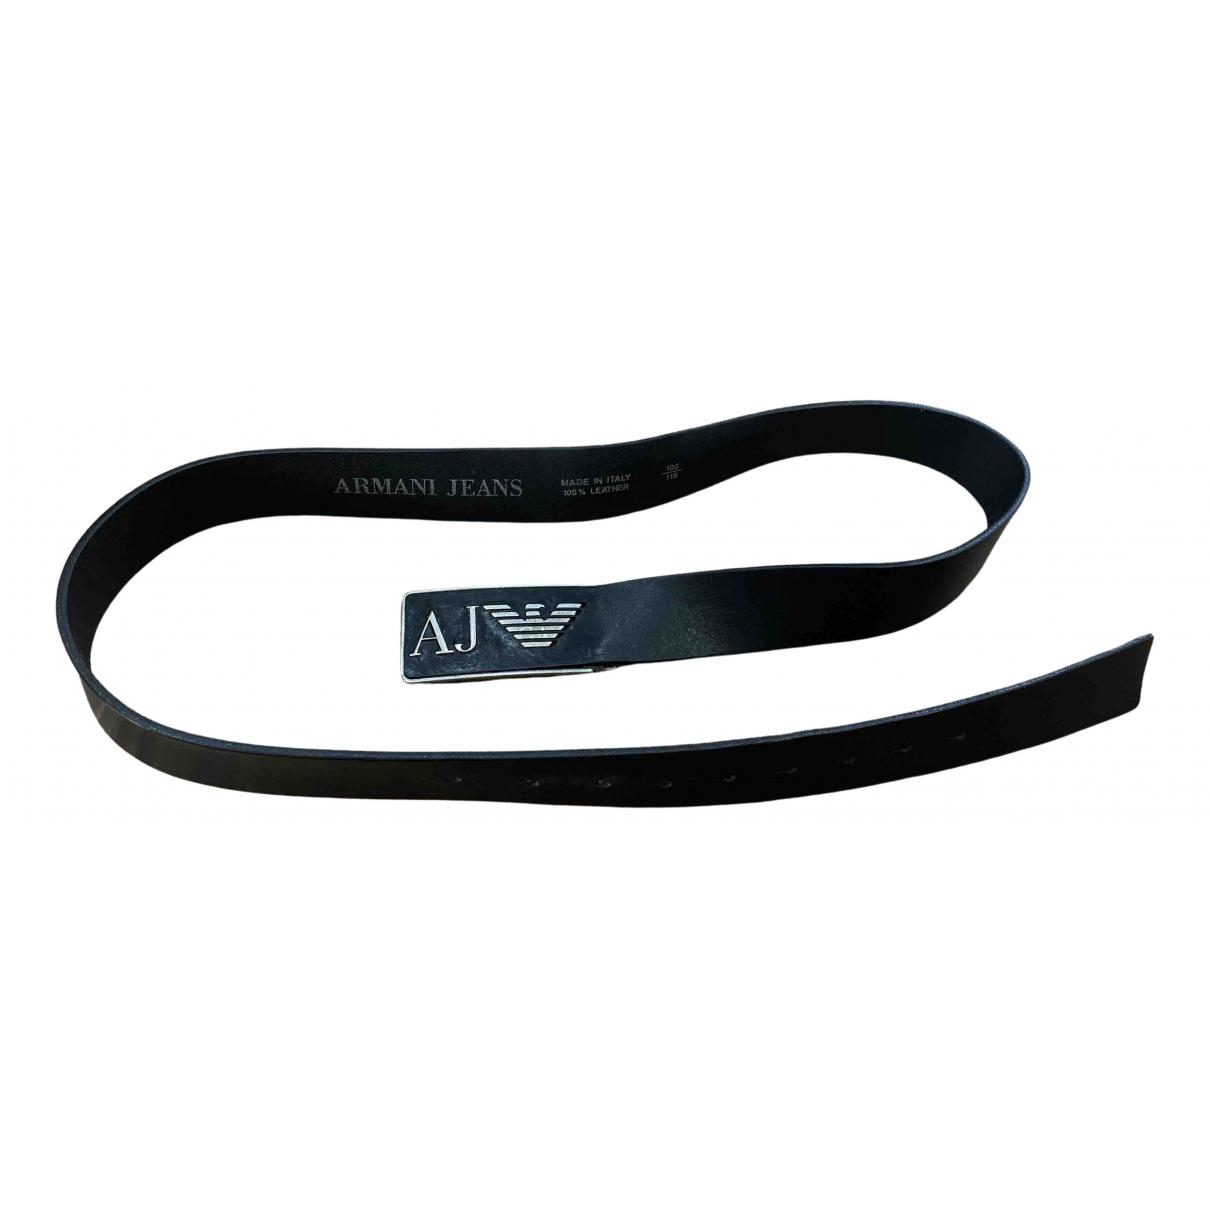 Armani Jeans \N Black Leather belt for Men 100 cm